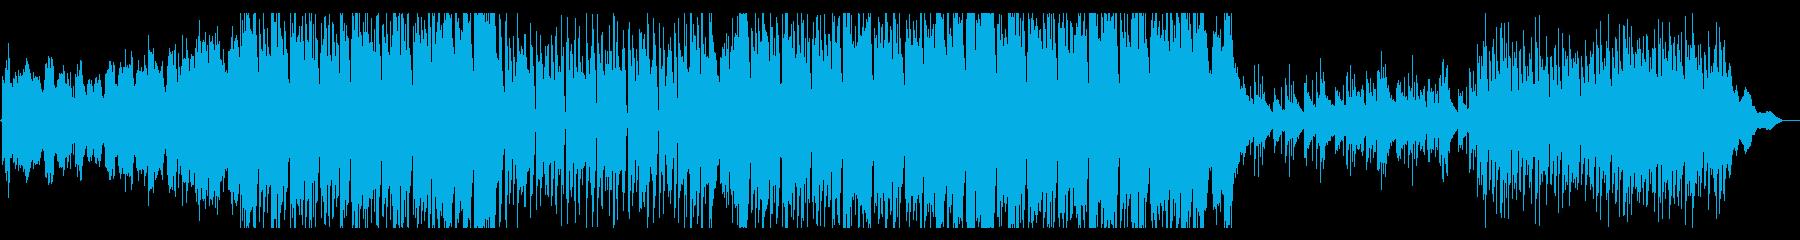 オーケストラ楽器を使ったエレクトロ風曲の再生済みの波形